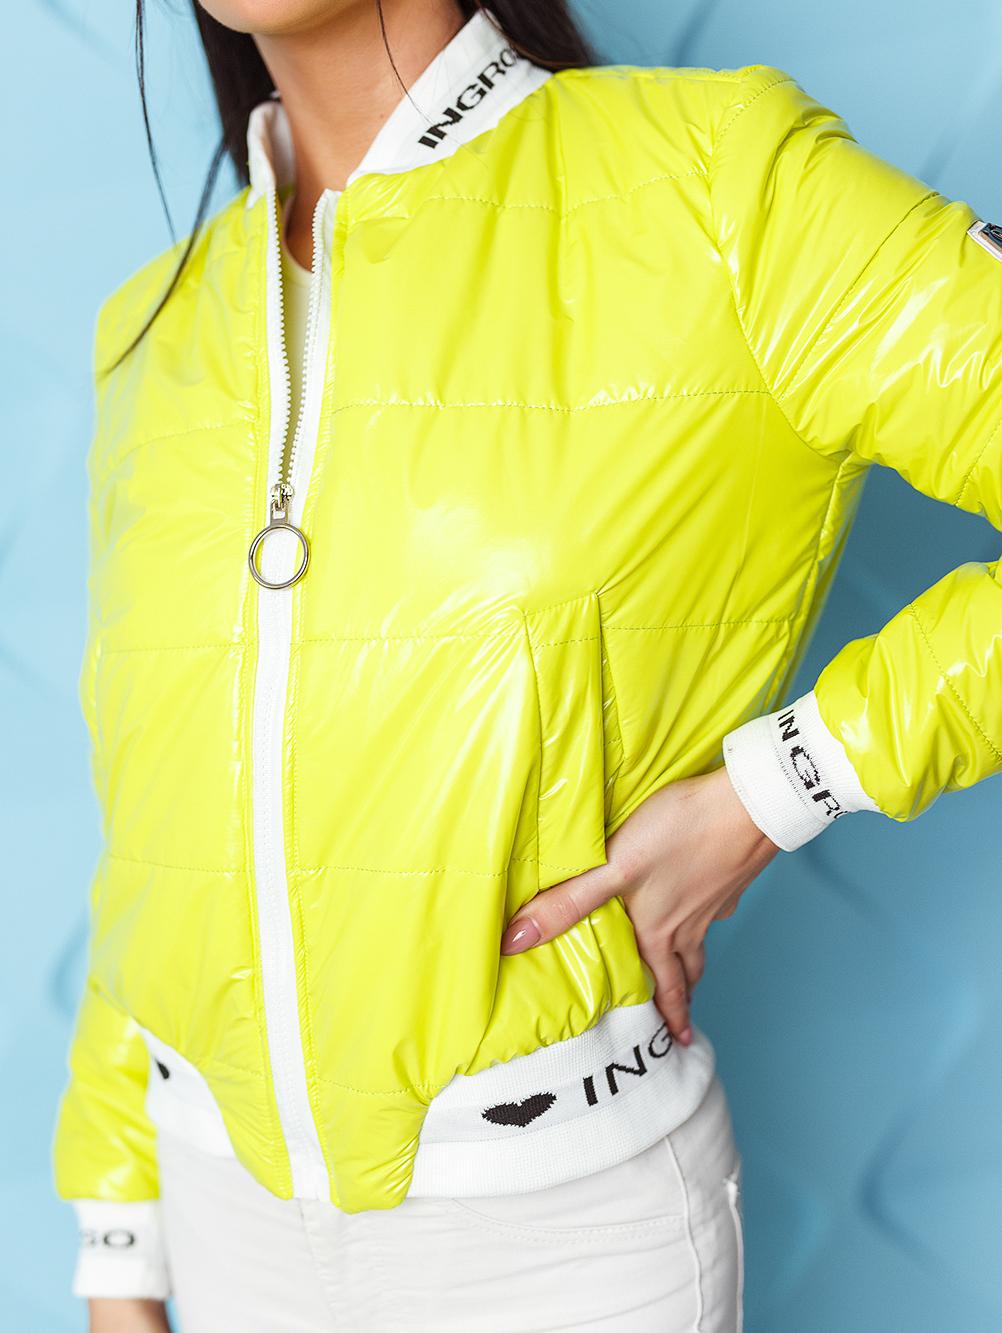 kurtka bomberka damska pikowana ze sciagaczem ingrosso limonkowa (5)